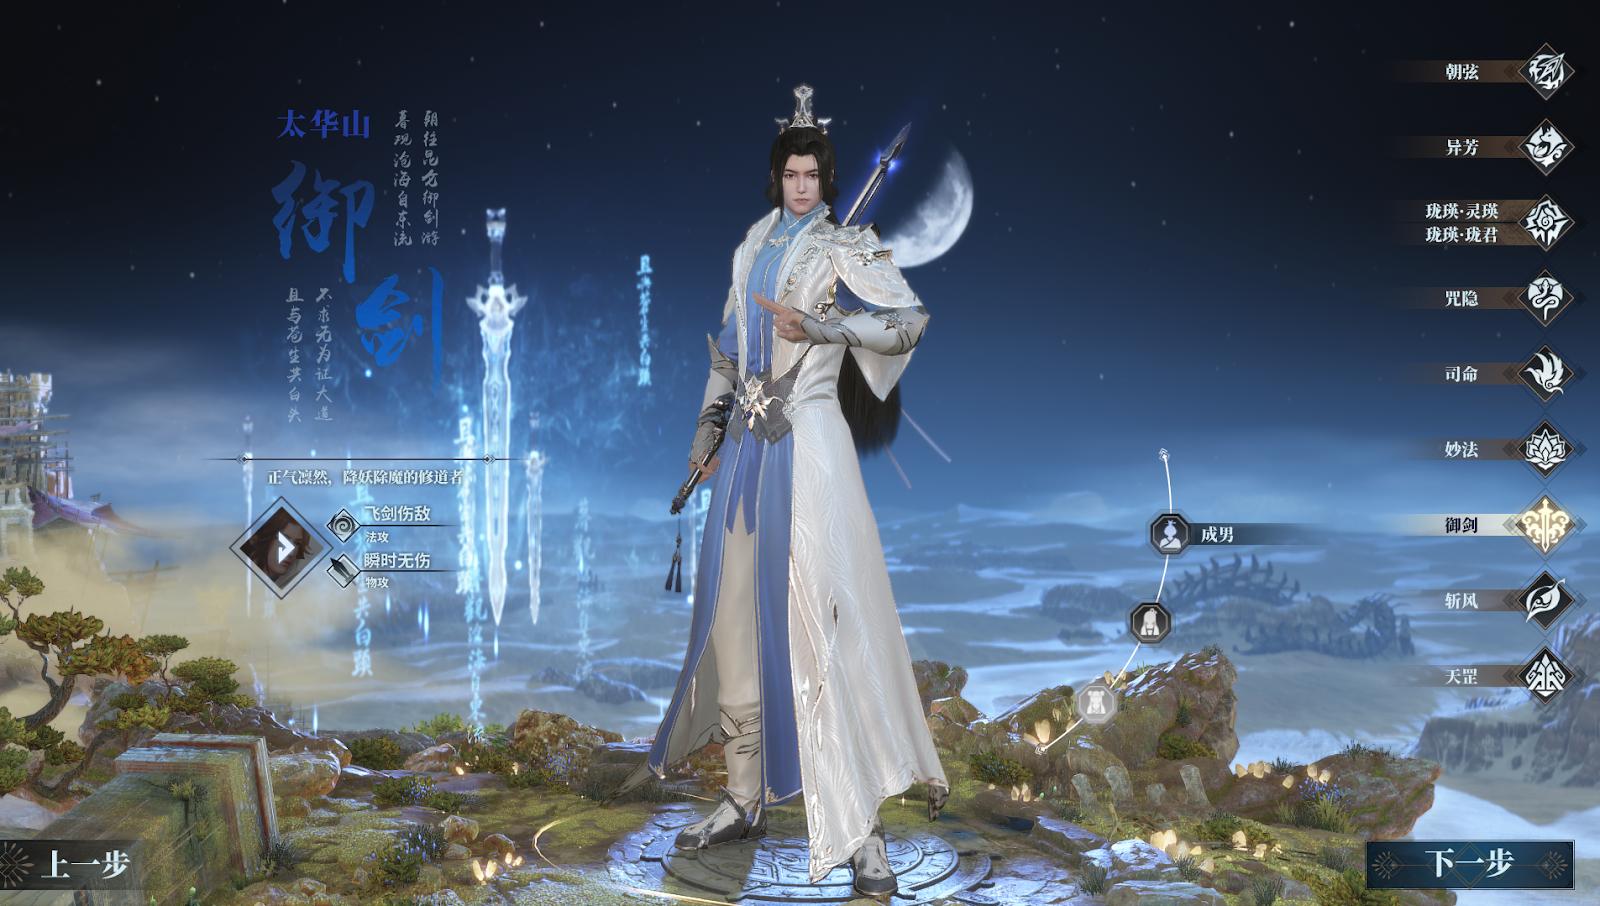 Điều gì khiến Cổ Kiếm Kỳ Đàm sẽ là bom tấn của game online Việt trong năm 2021? - Ảnh 6.